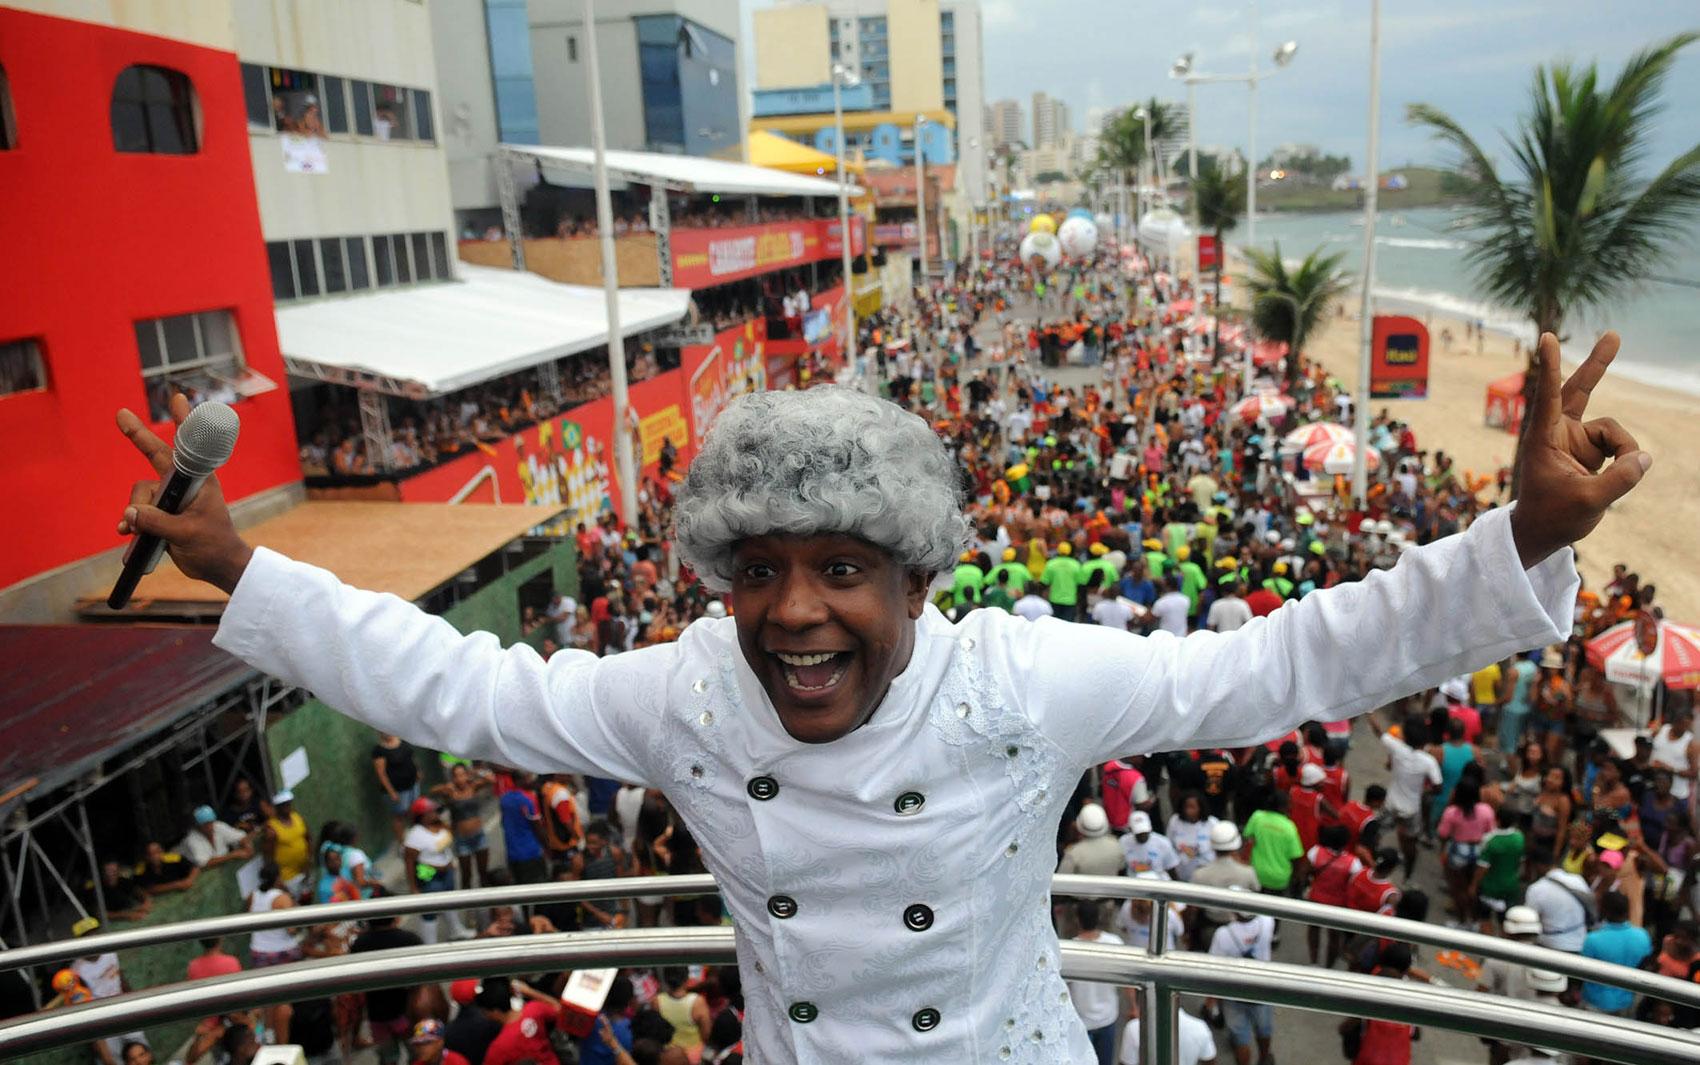 Márcio Victor anima os foliões no Carnaval de Salvador (Foto: Angelo Pontes/ Agecom)